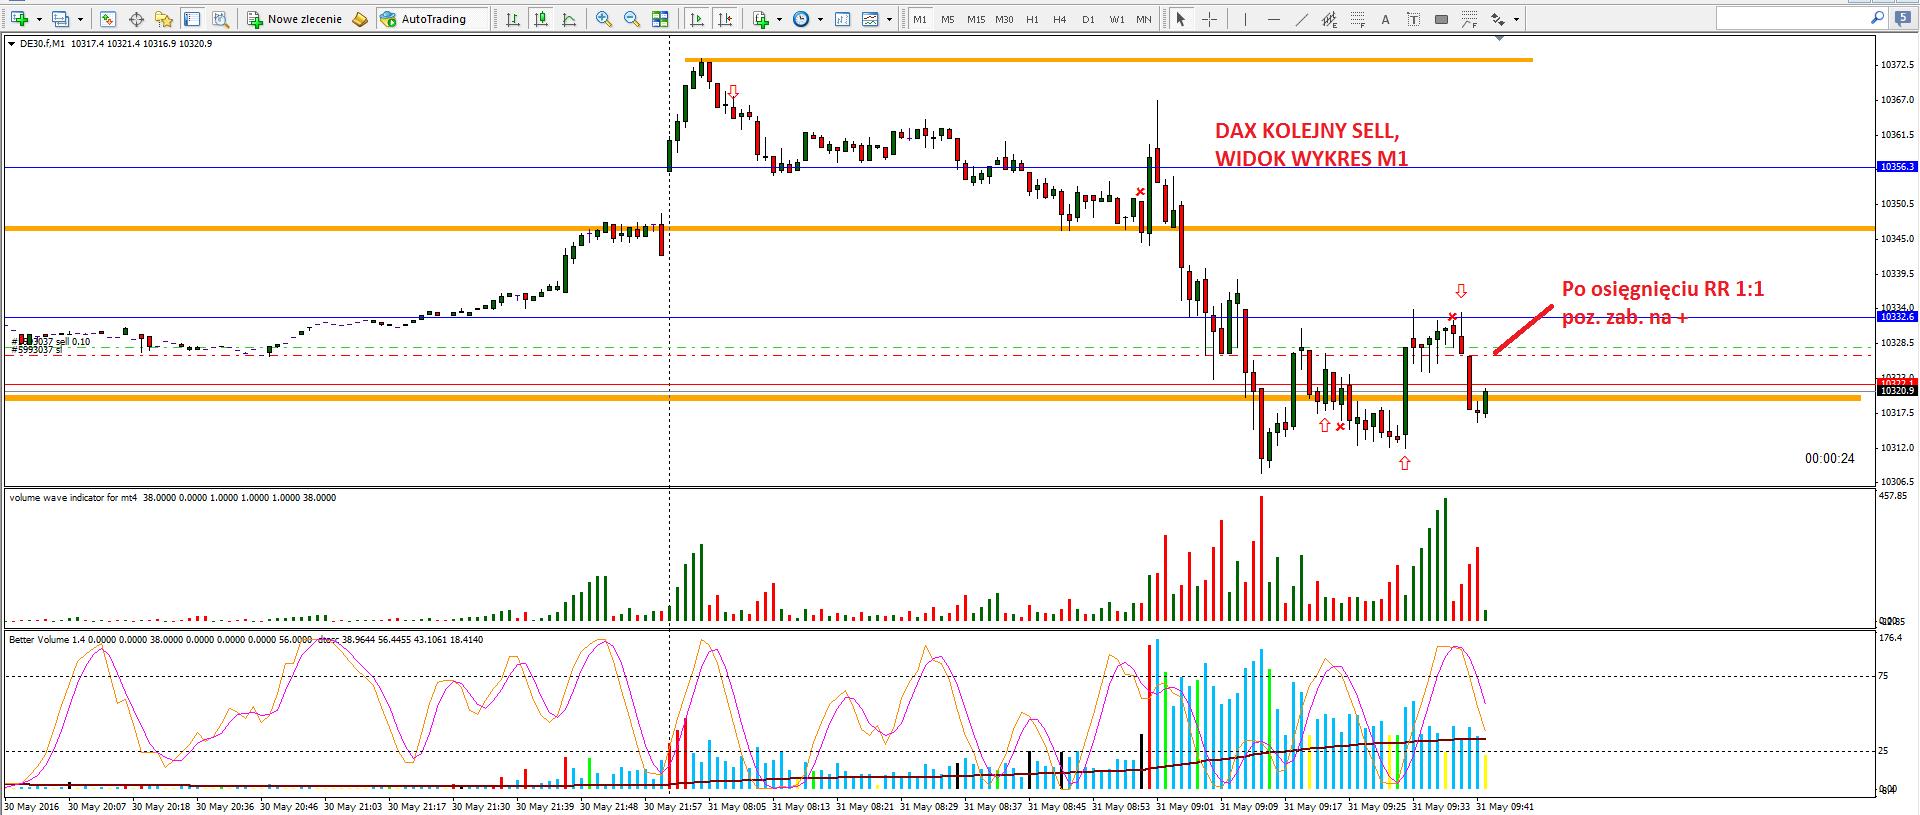 13-renko-scalping na renko-forex-skuteczna strategia-myforex-trader-trading-waluty-dax-prosta strategia tradingowa-broker-sukces-wolumen-vsa-świece japońskie-trading